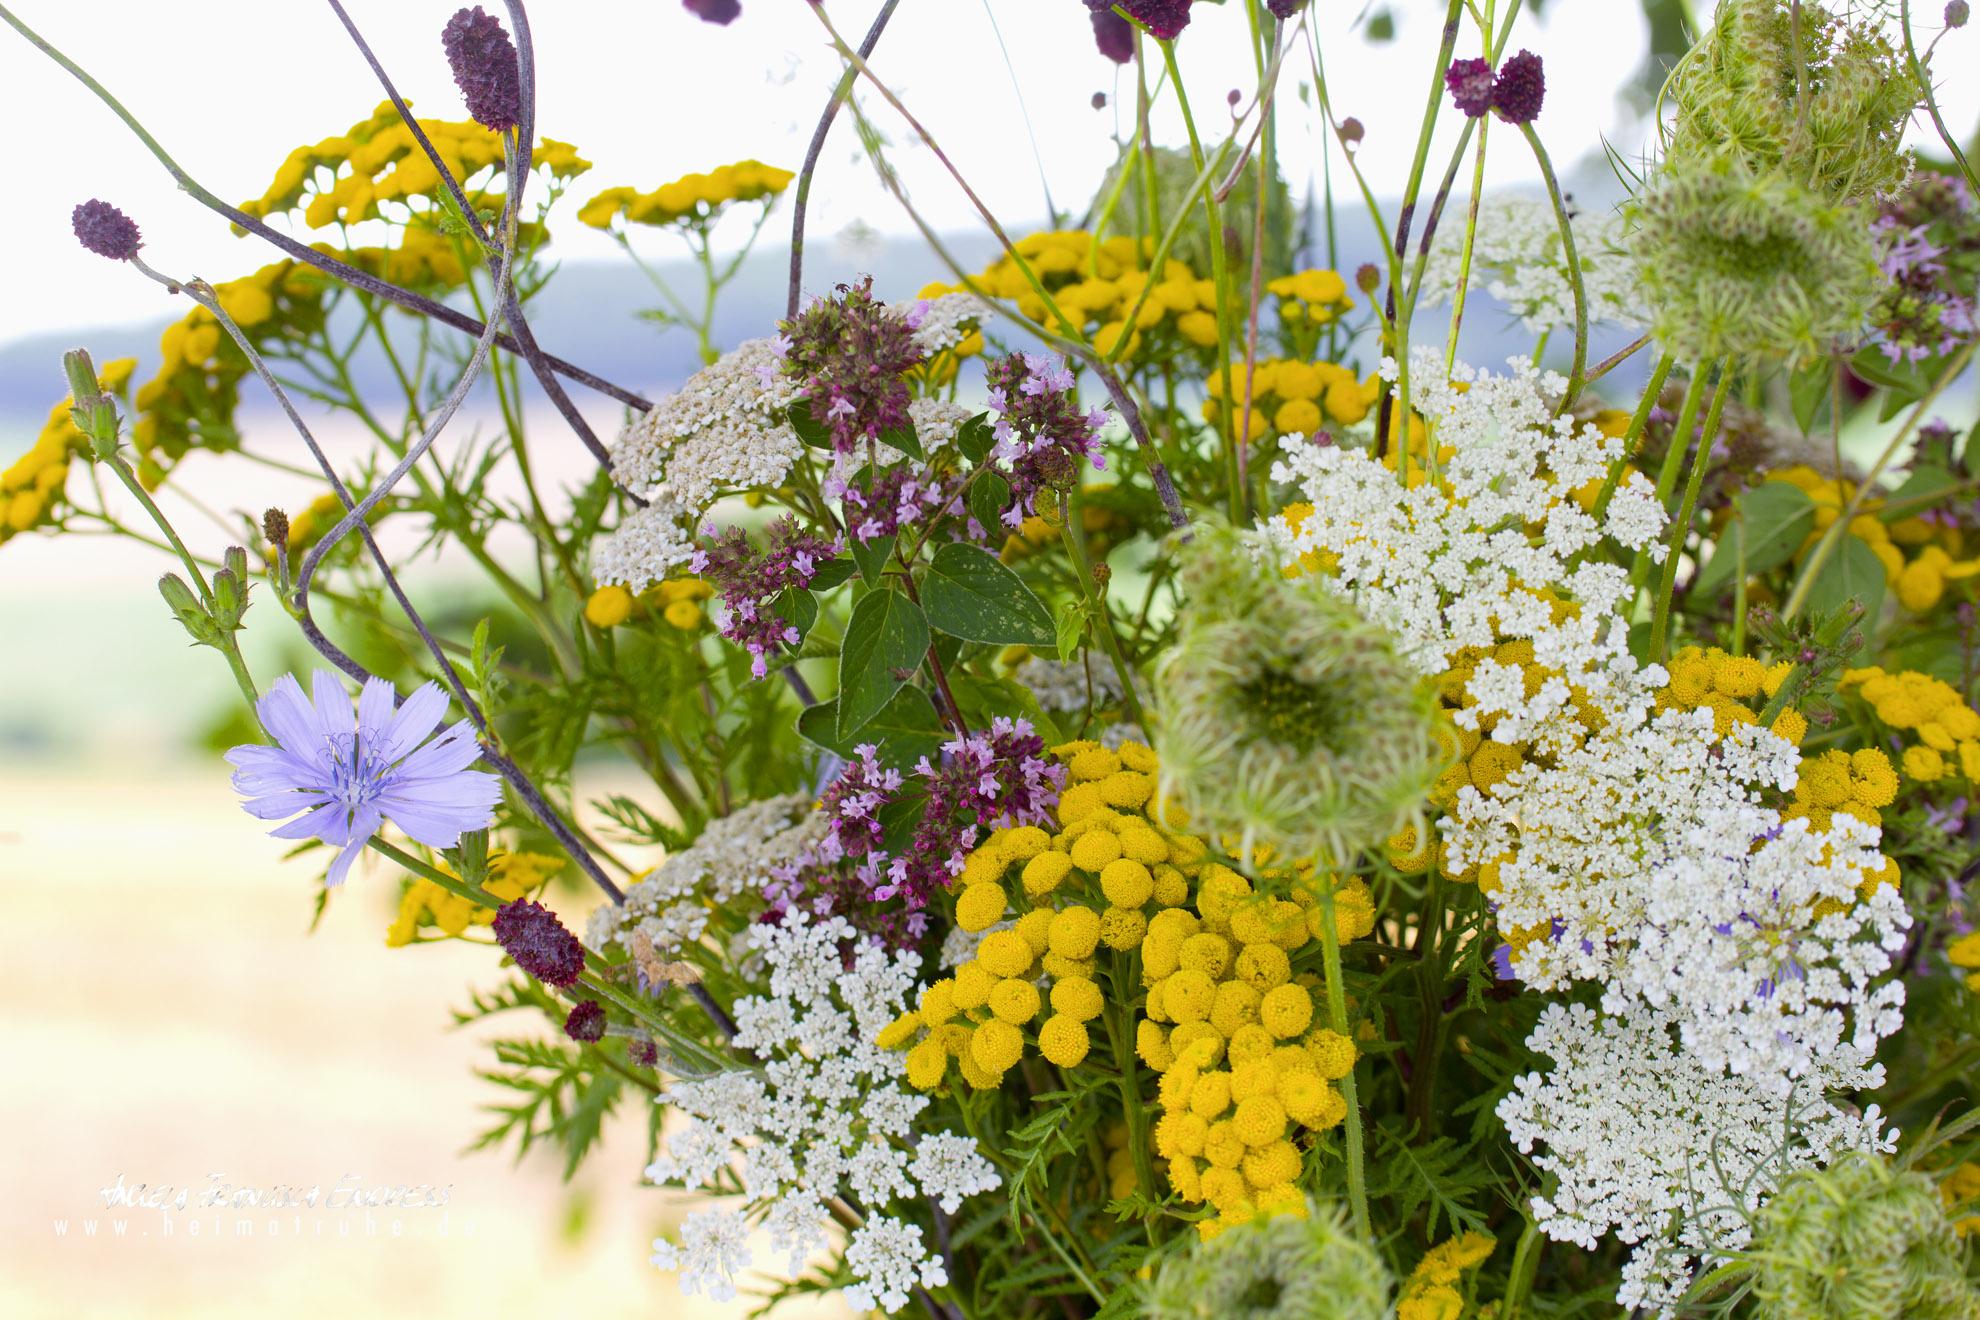 Wiesenblumen, Rainfarn, Woilde Möhre, Grosser Wiesenknopf, Majoran, Wegwarte